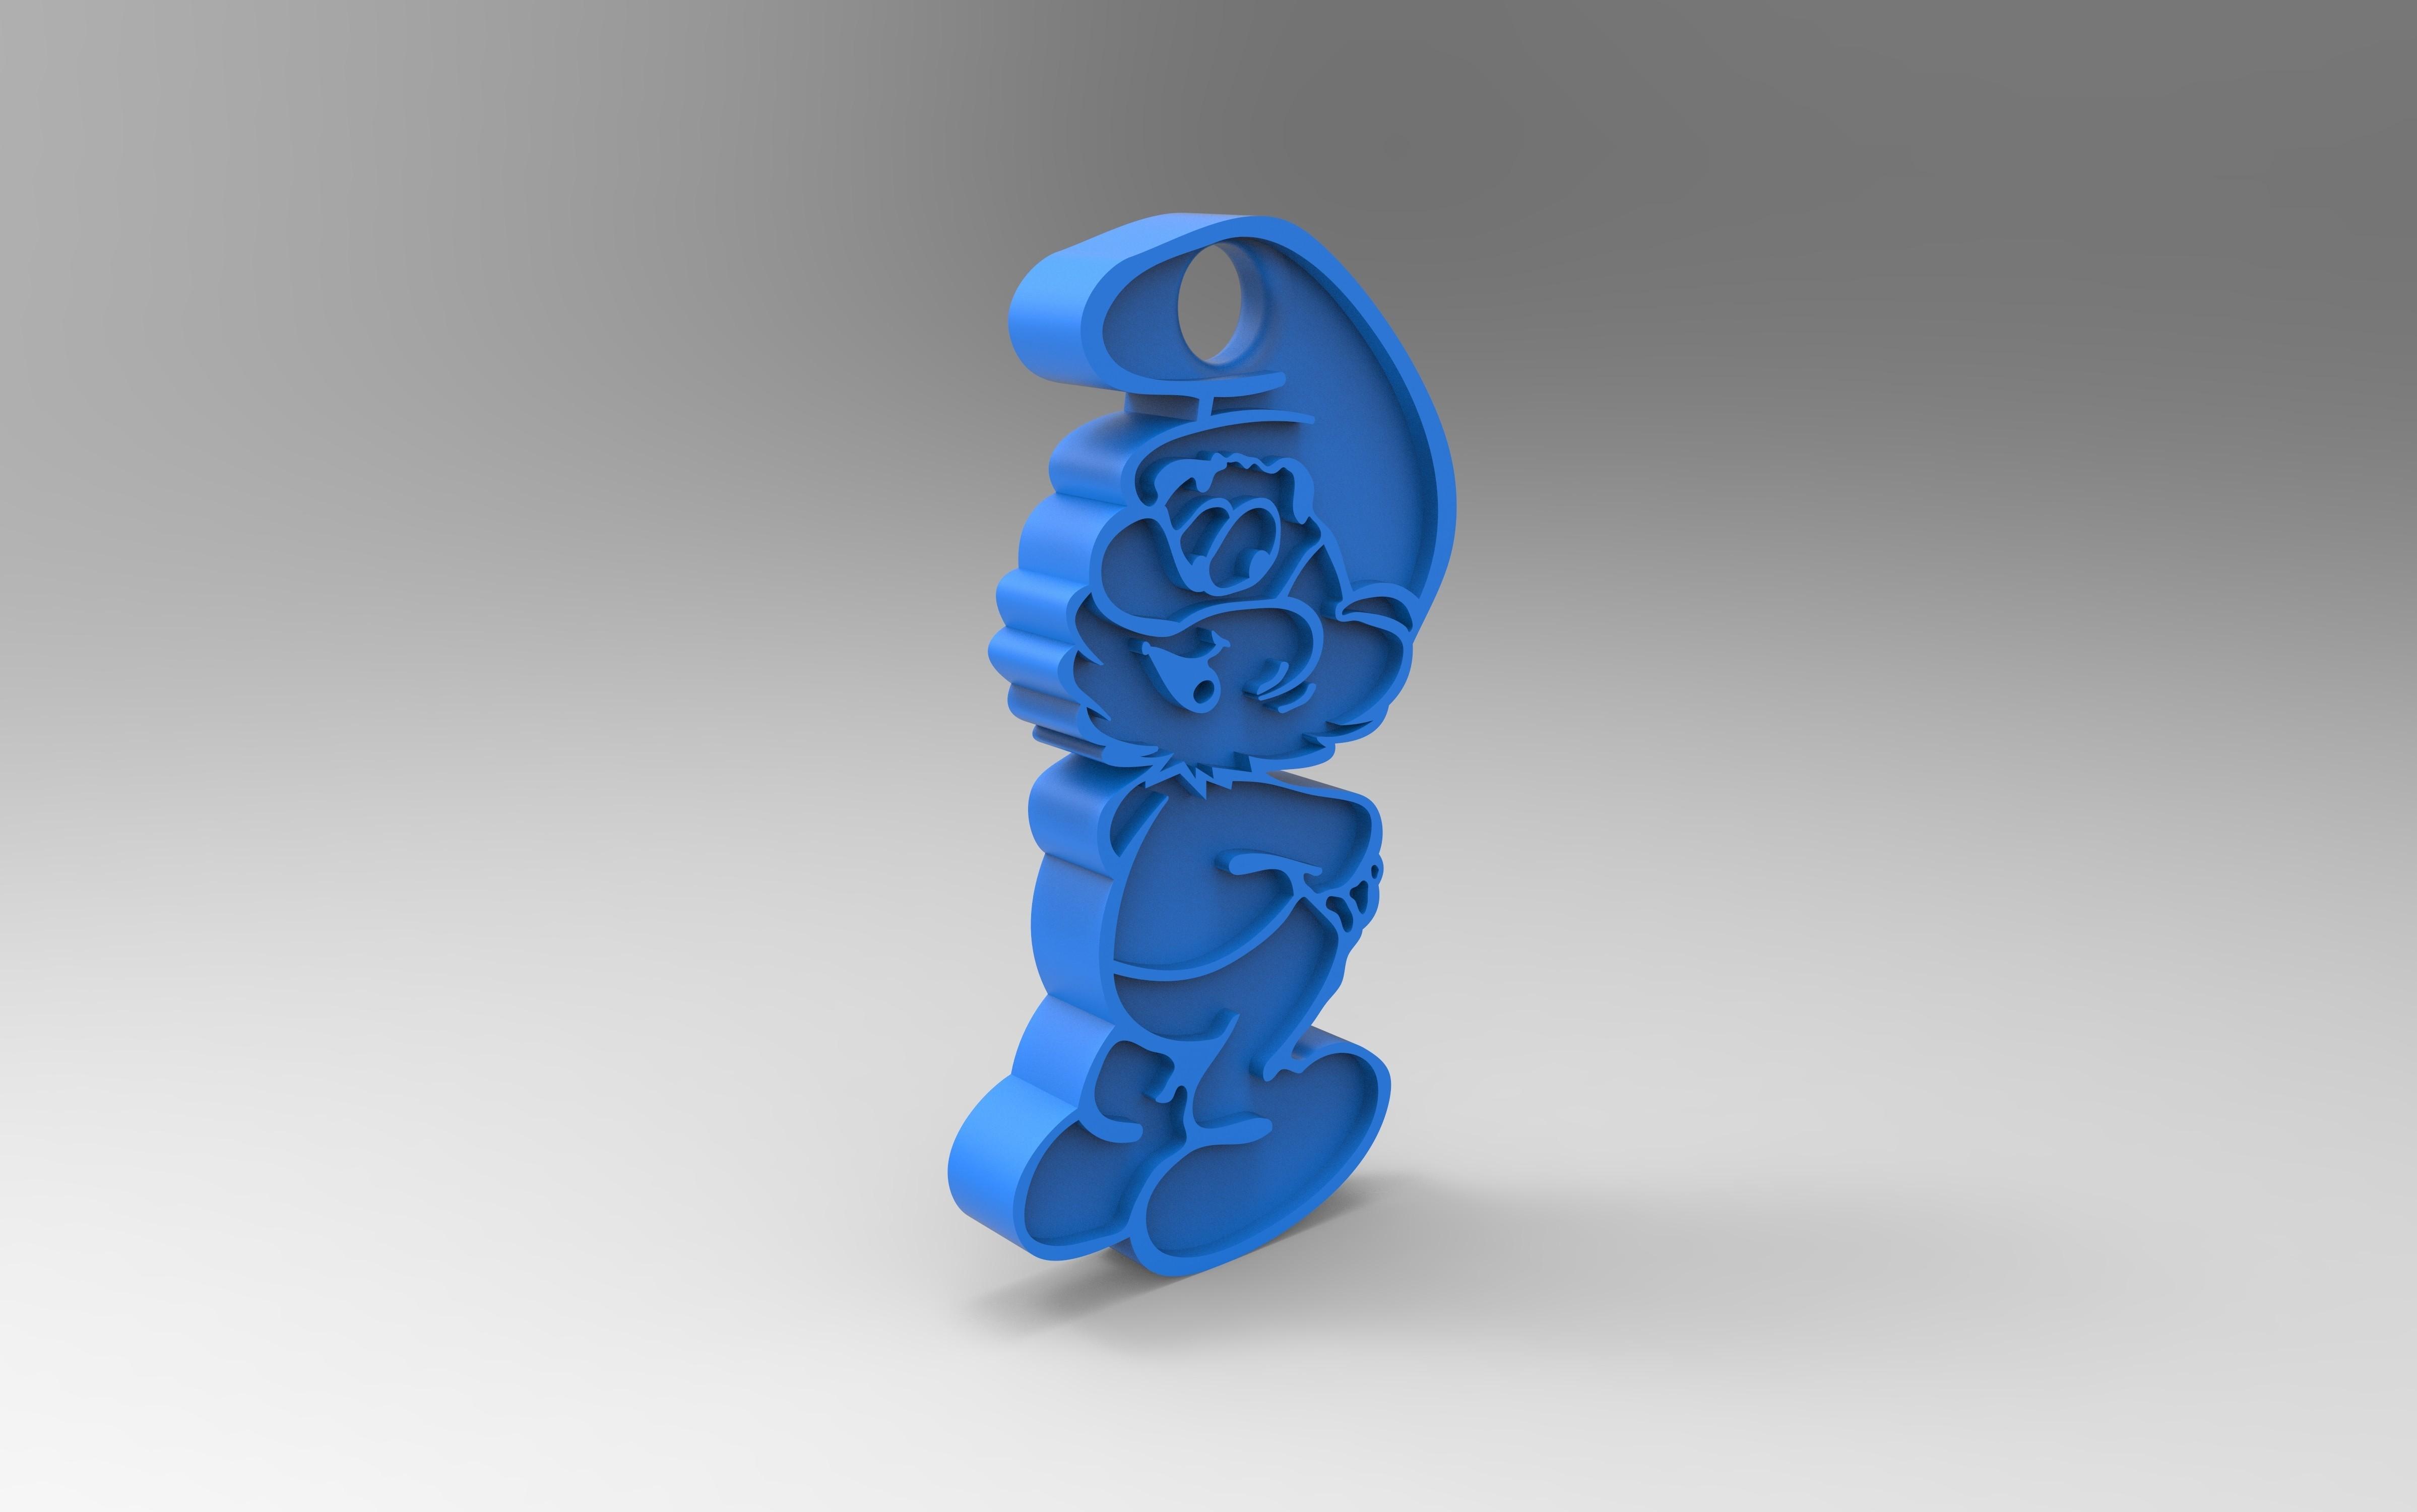 rendu face.jpg Télécharger fichier STL gratuit Porte clef • Design pour impression 3D, GuilhemPerroud